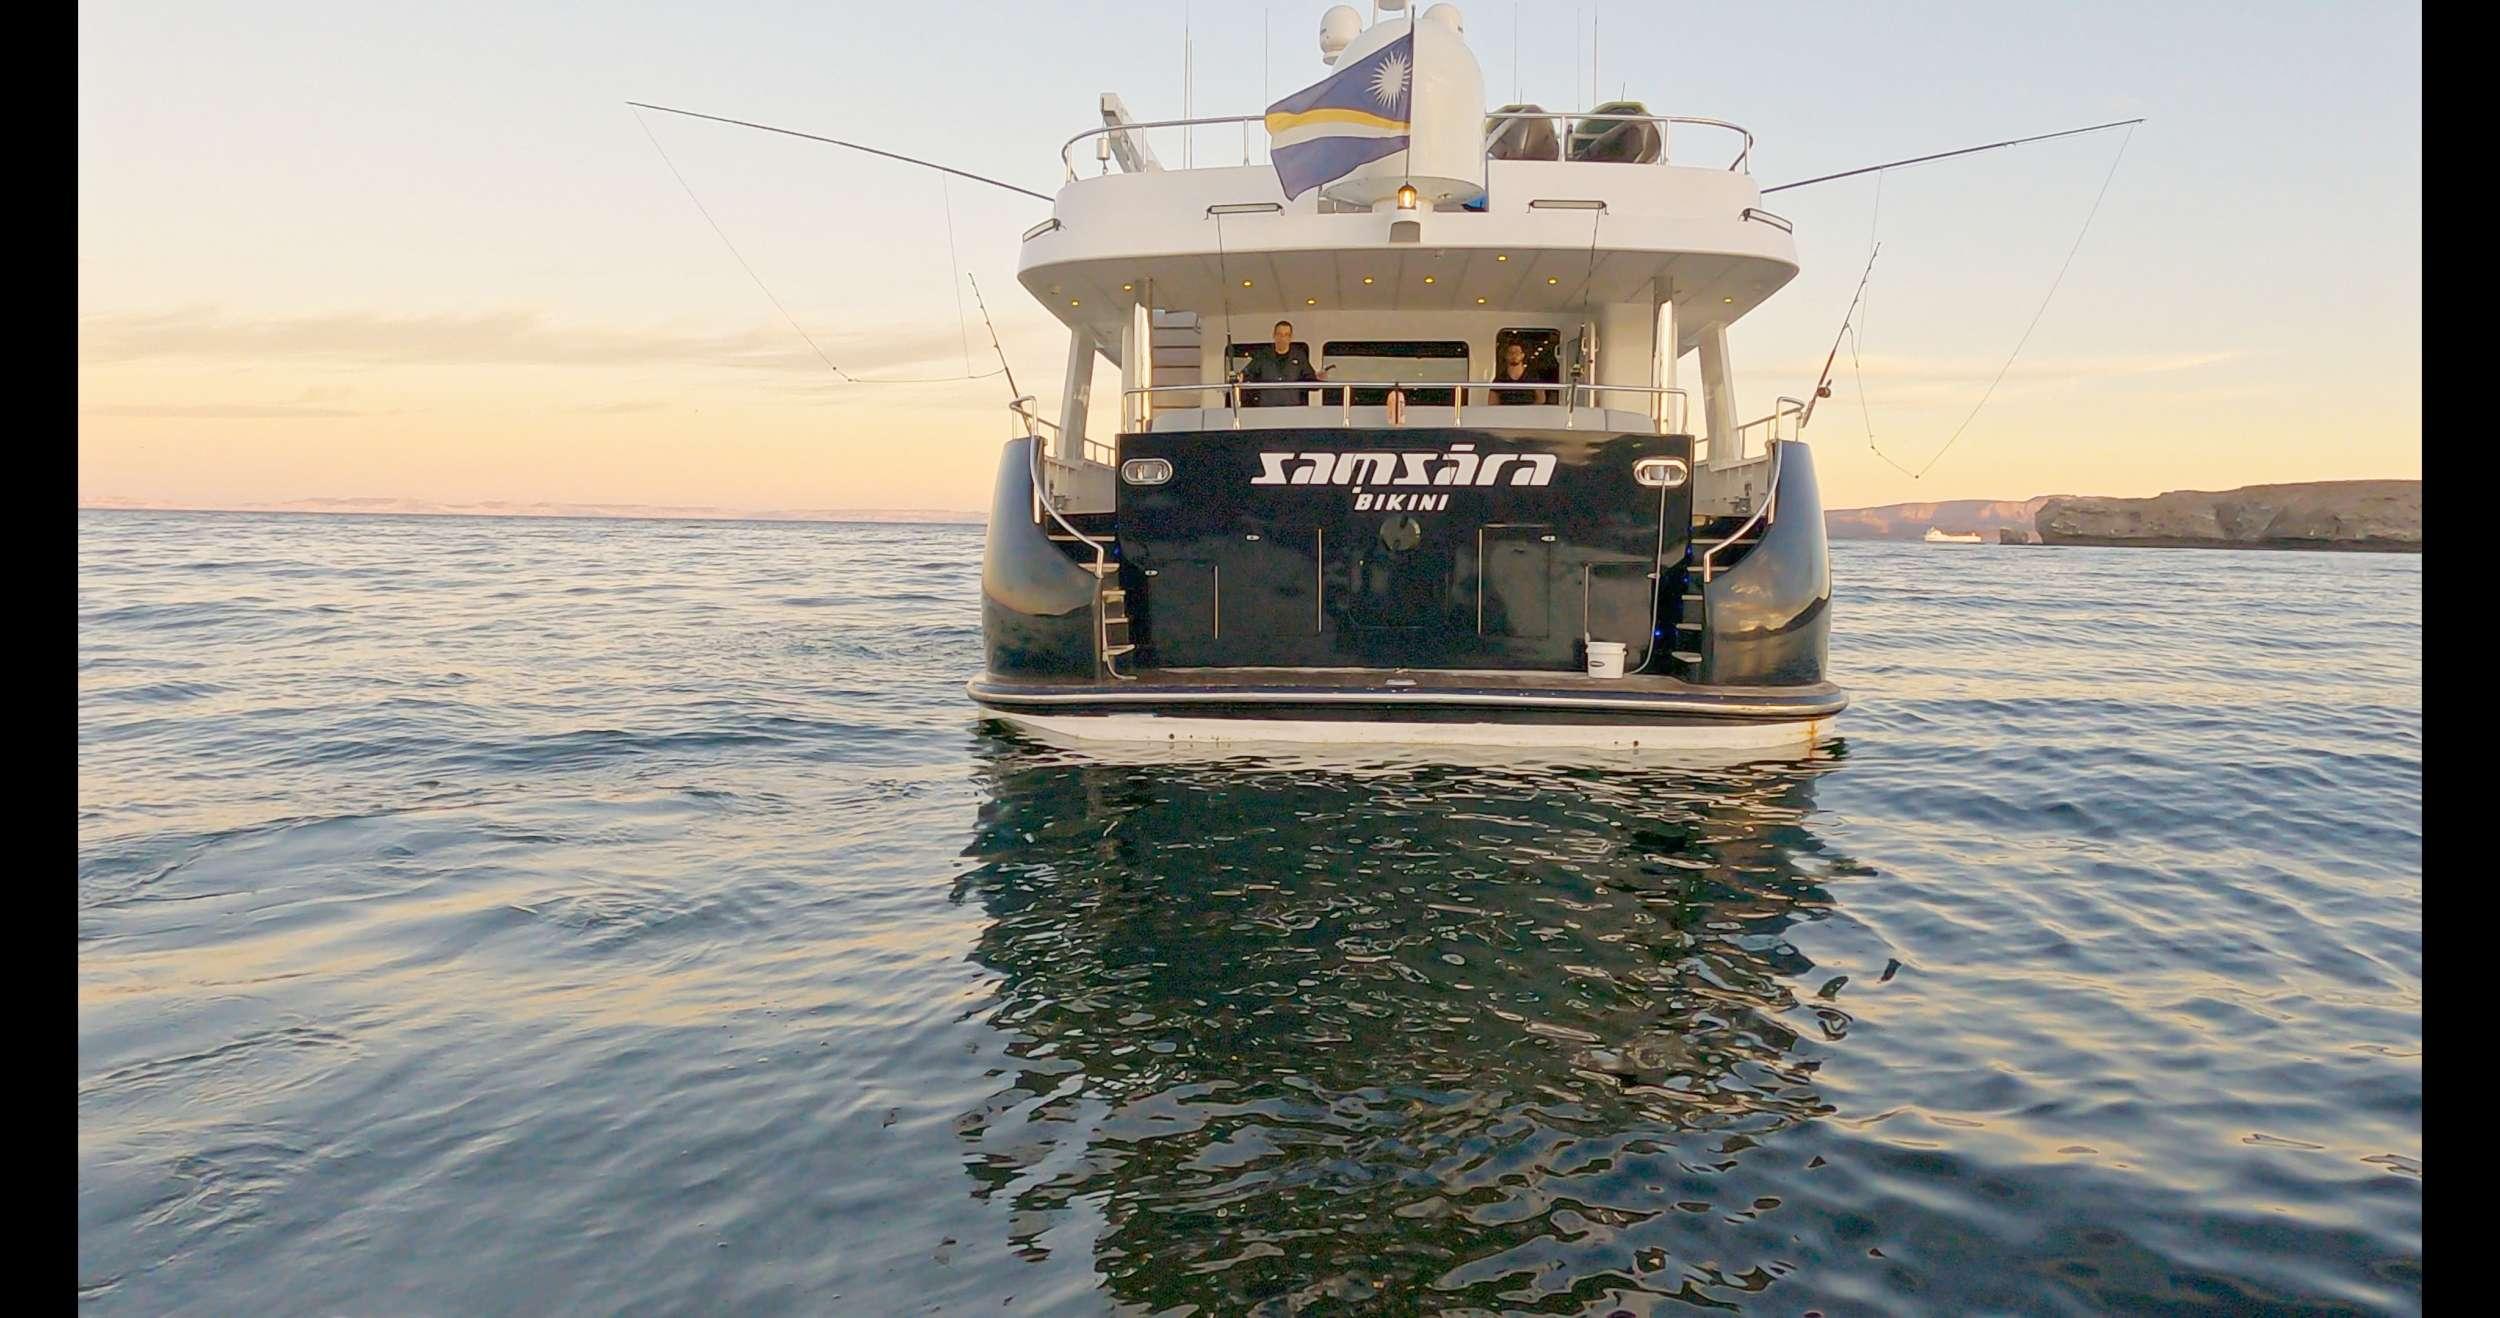 Image of Samsara yacht #10